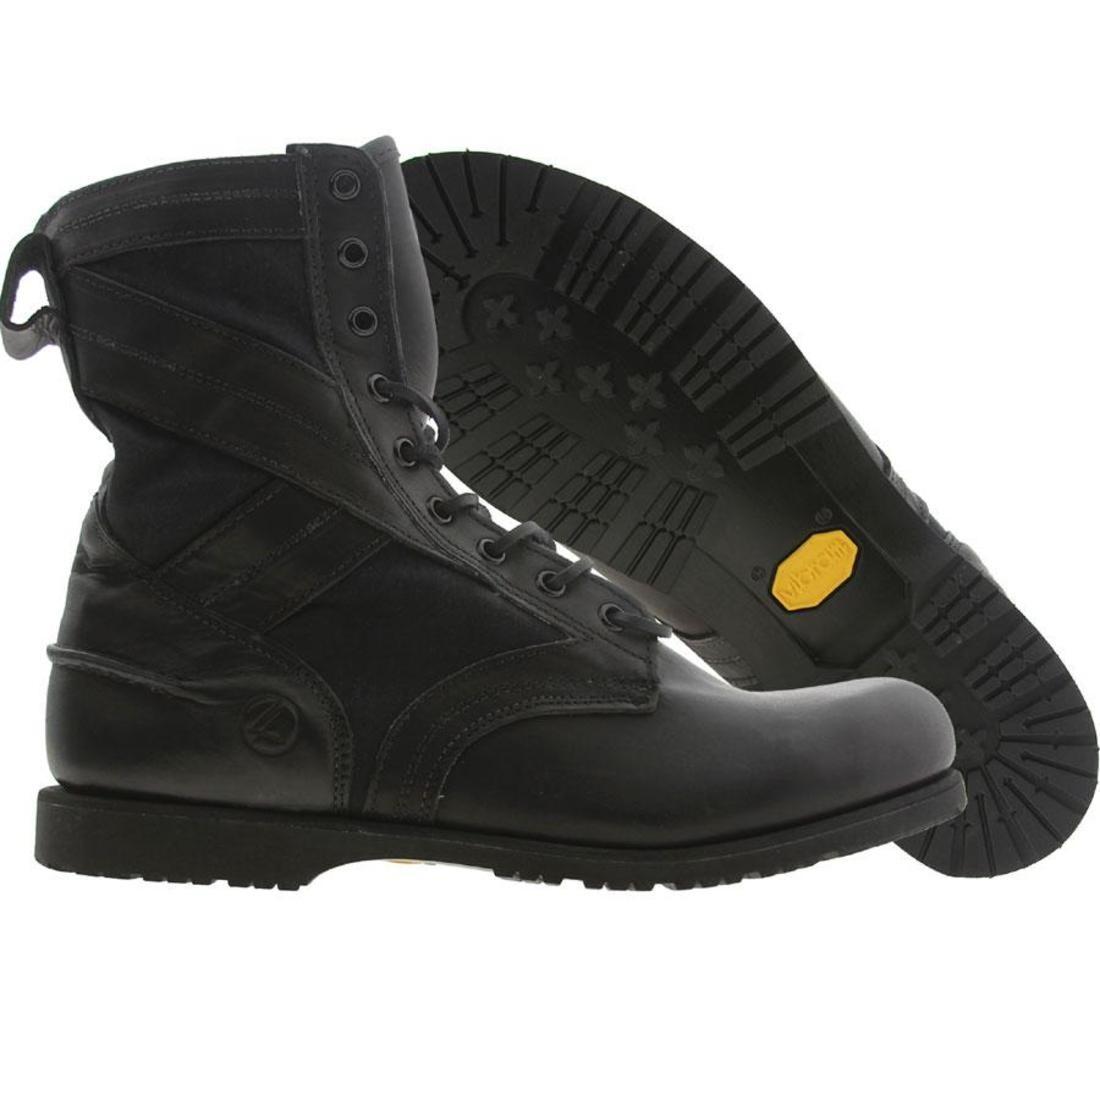 【海外限定】パーク 靴 メンズ靴 【 SEBAGO X LINKIN PARK JUNGLE BOOTS BLACK 】